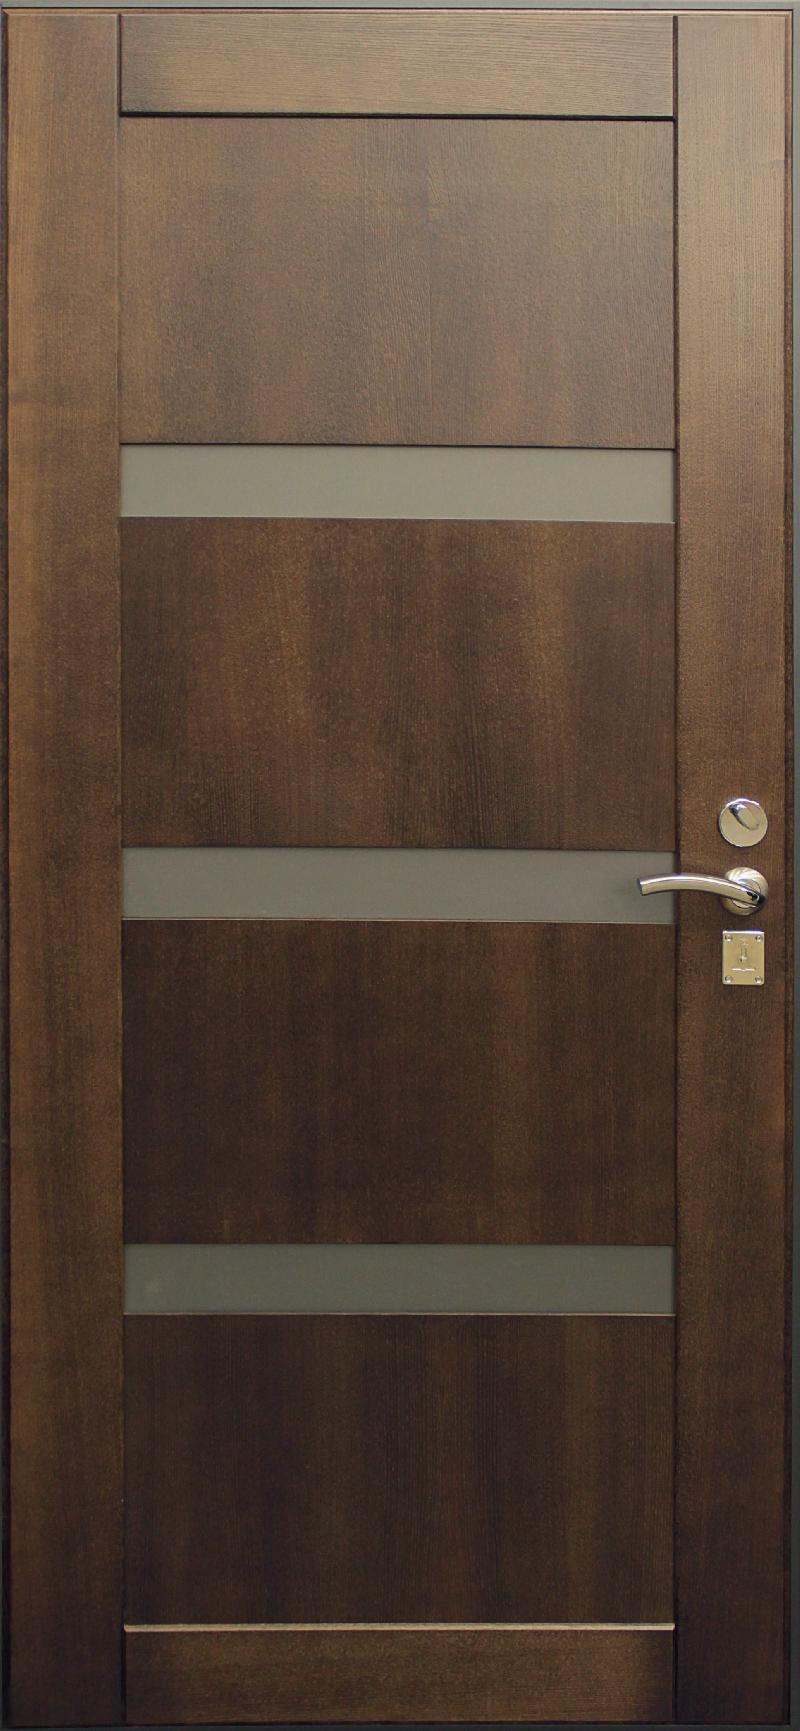 металлические двери с вставками из стекла